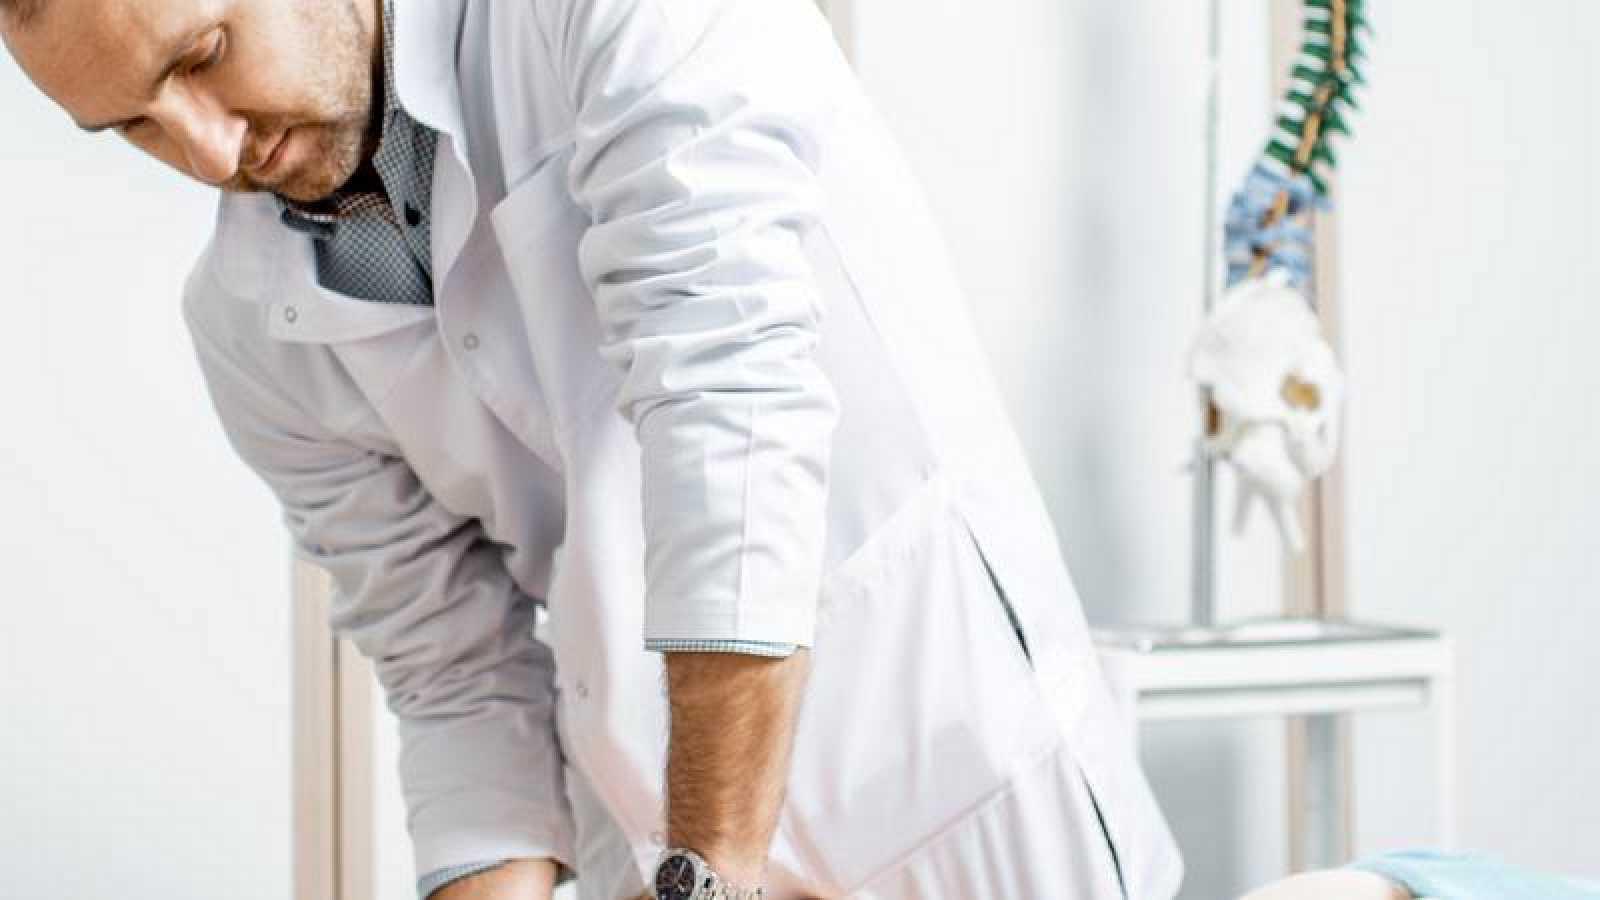 Las clínicas de fisioterapia se encuentran con muchas dificultades a la hora de reabrir